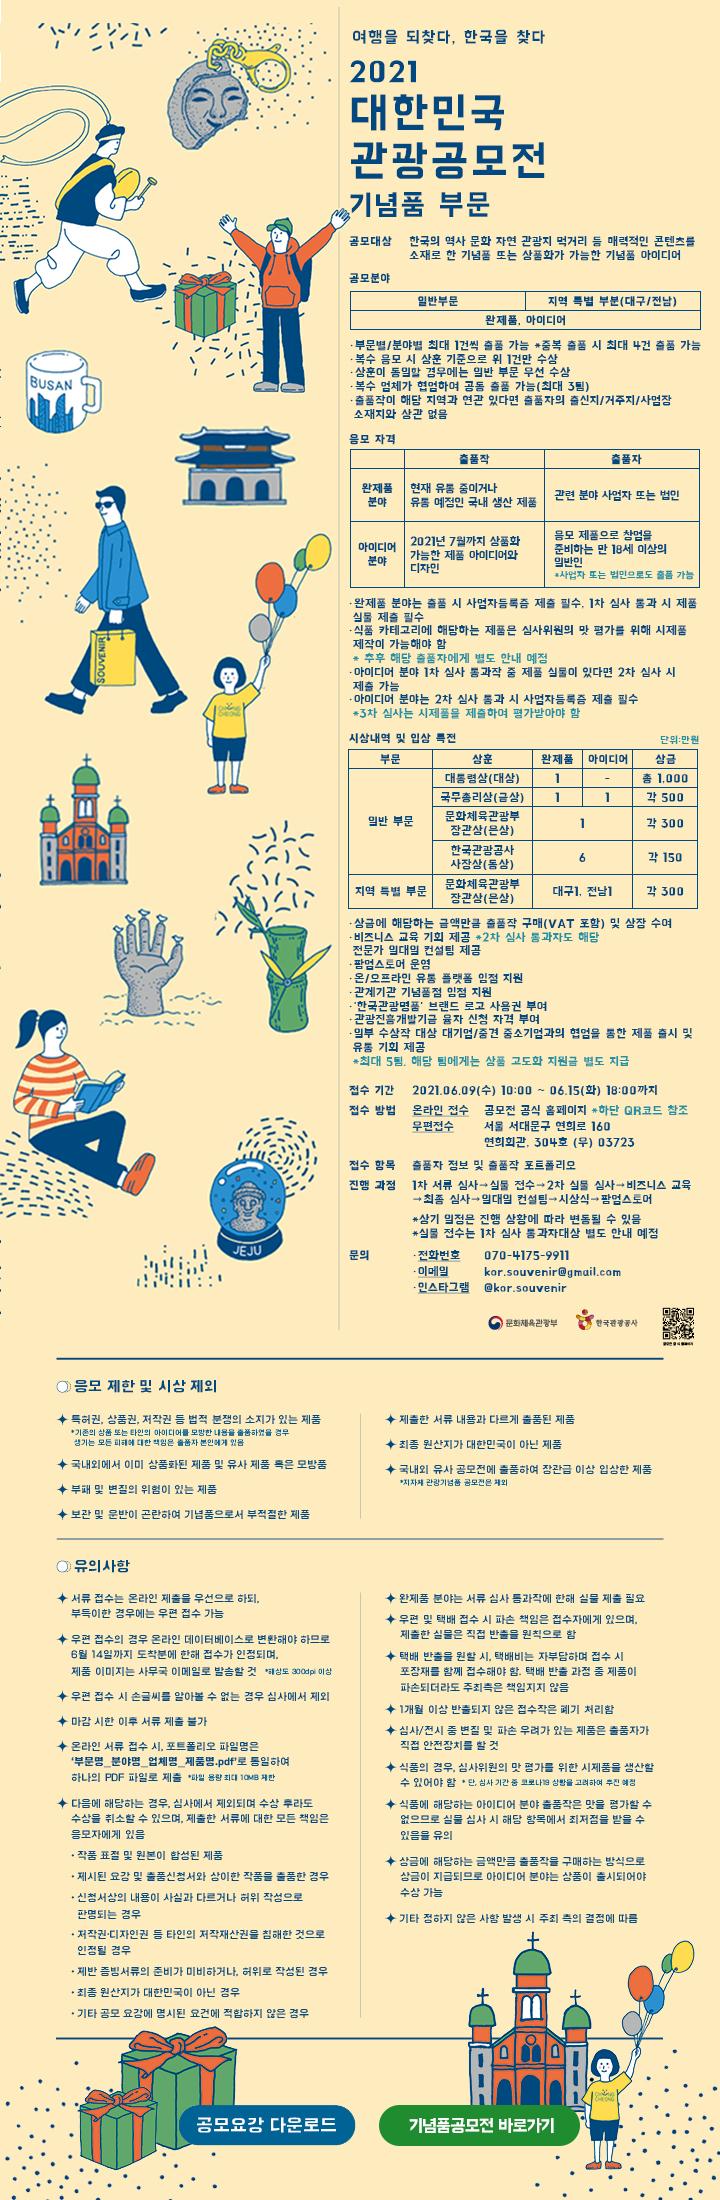 여행을 되찾다, 한국을 찾다 2021 대한민국 관광공모전 기념품 부문